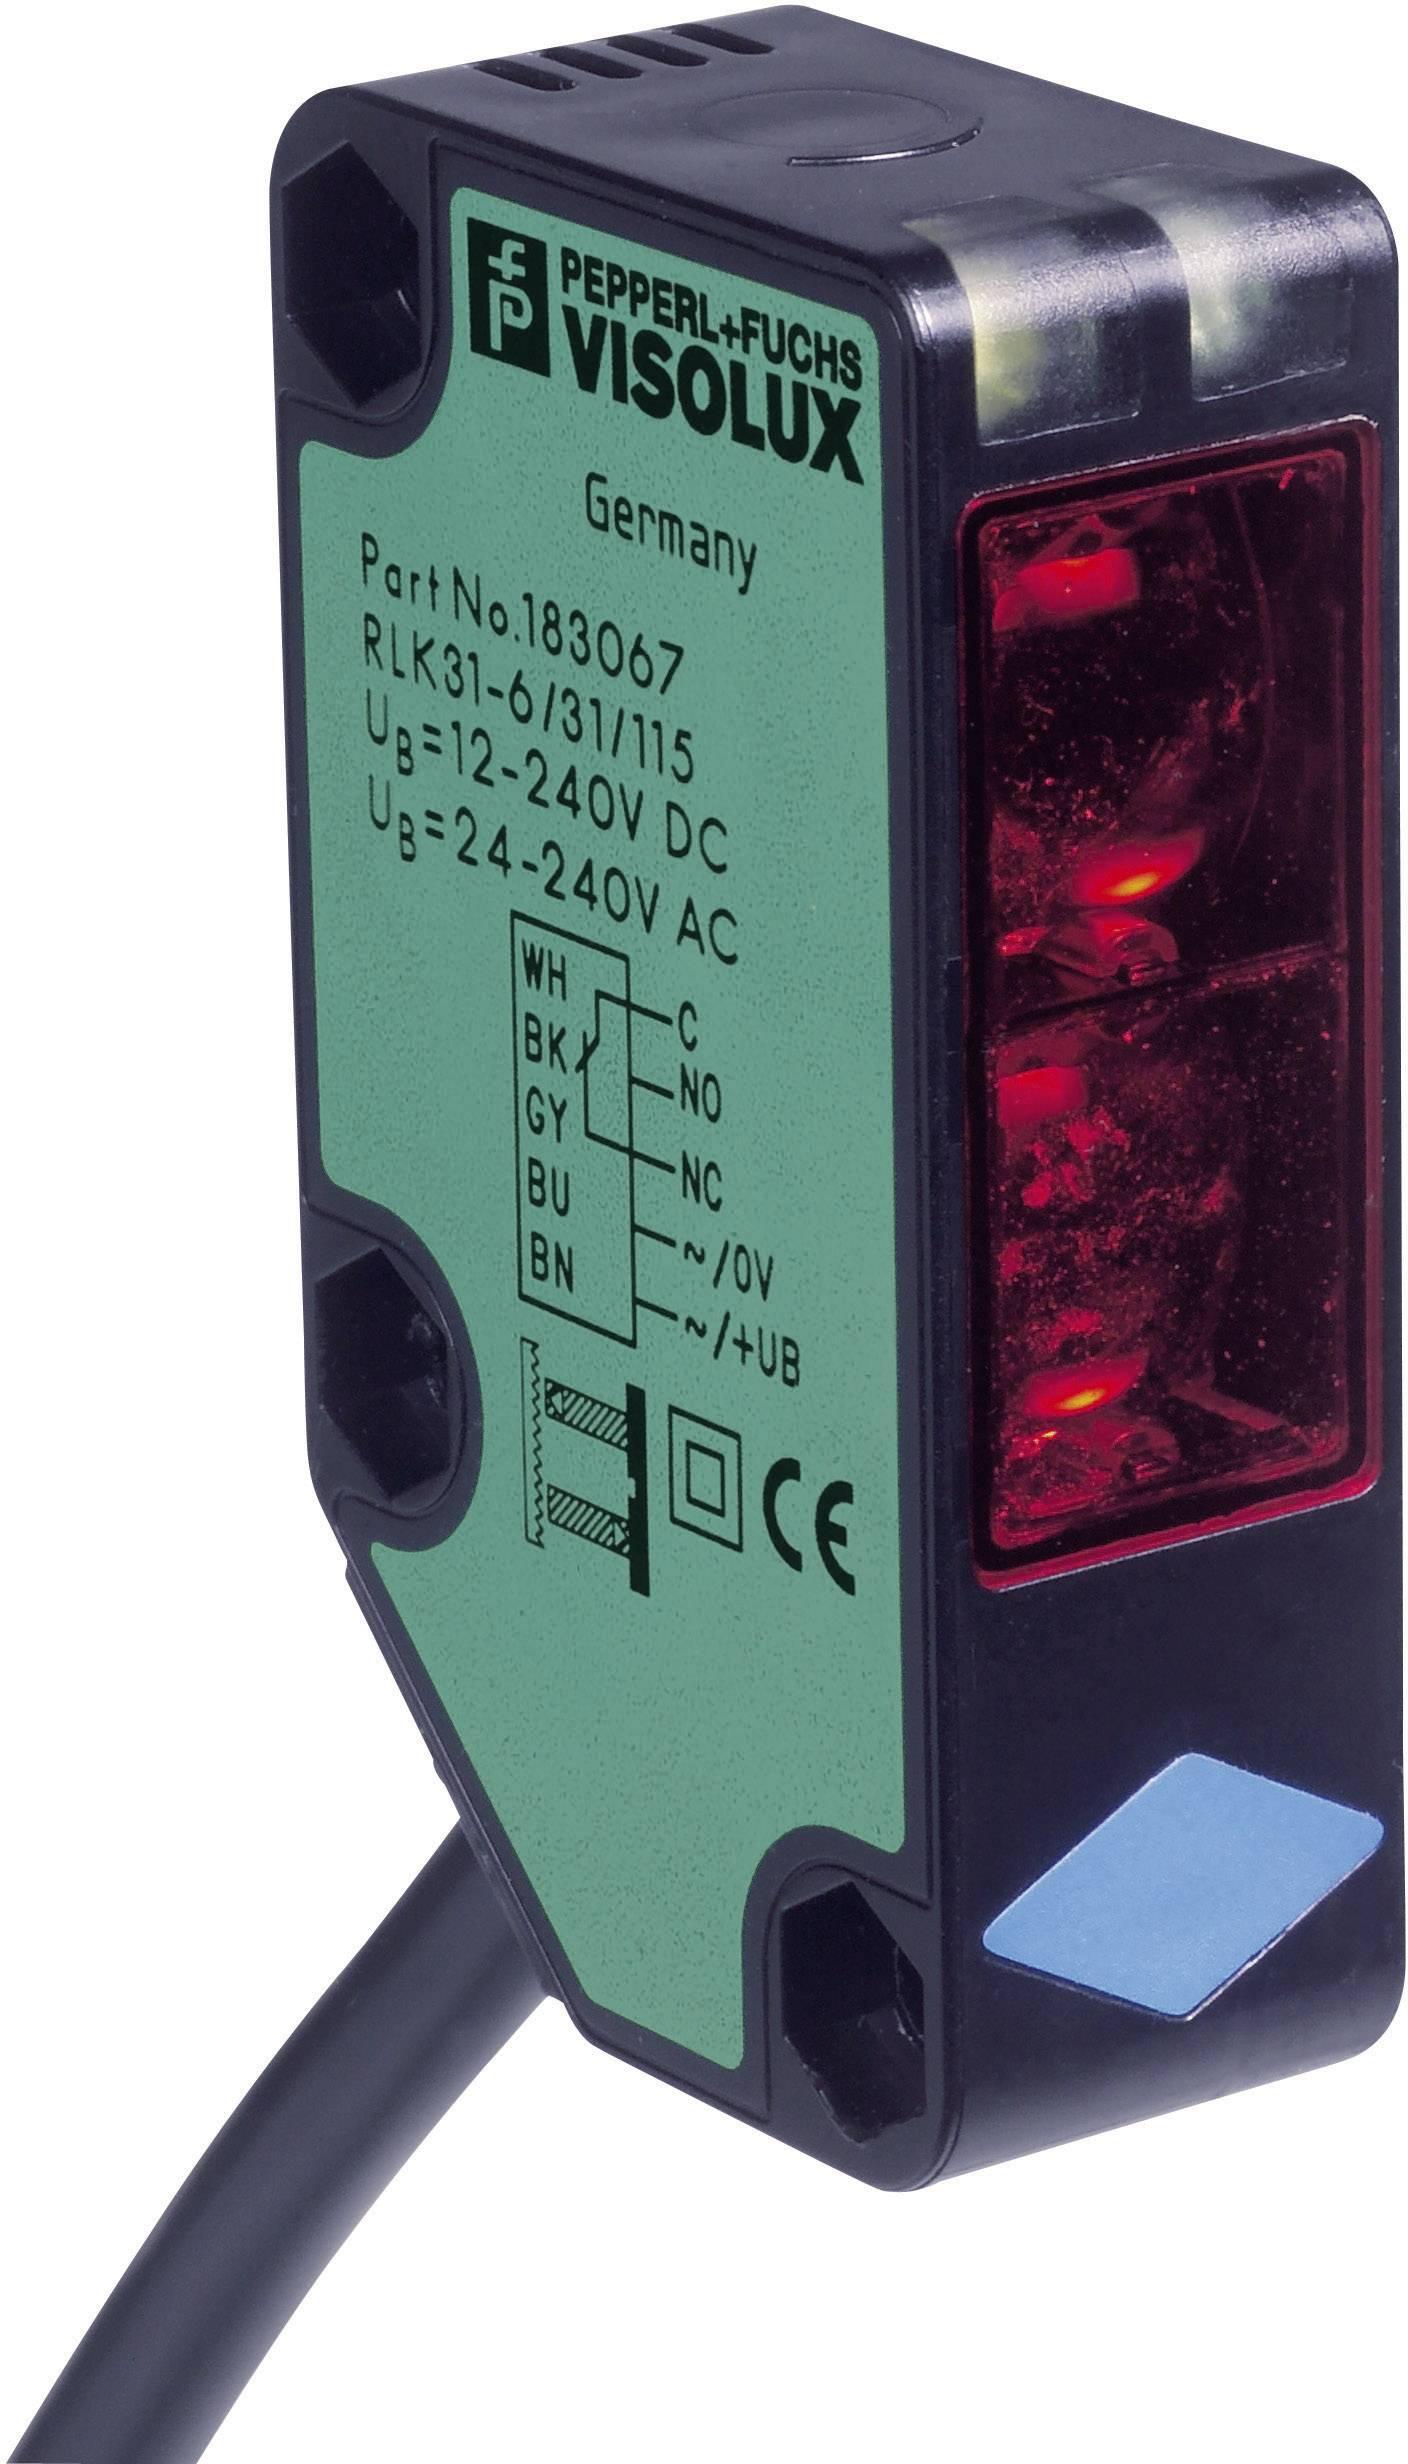 Reflexní optická závora Pepperl & Fuchs RLK31-54/25/31/115-15M SET, světlo zap., dosah 9 m